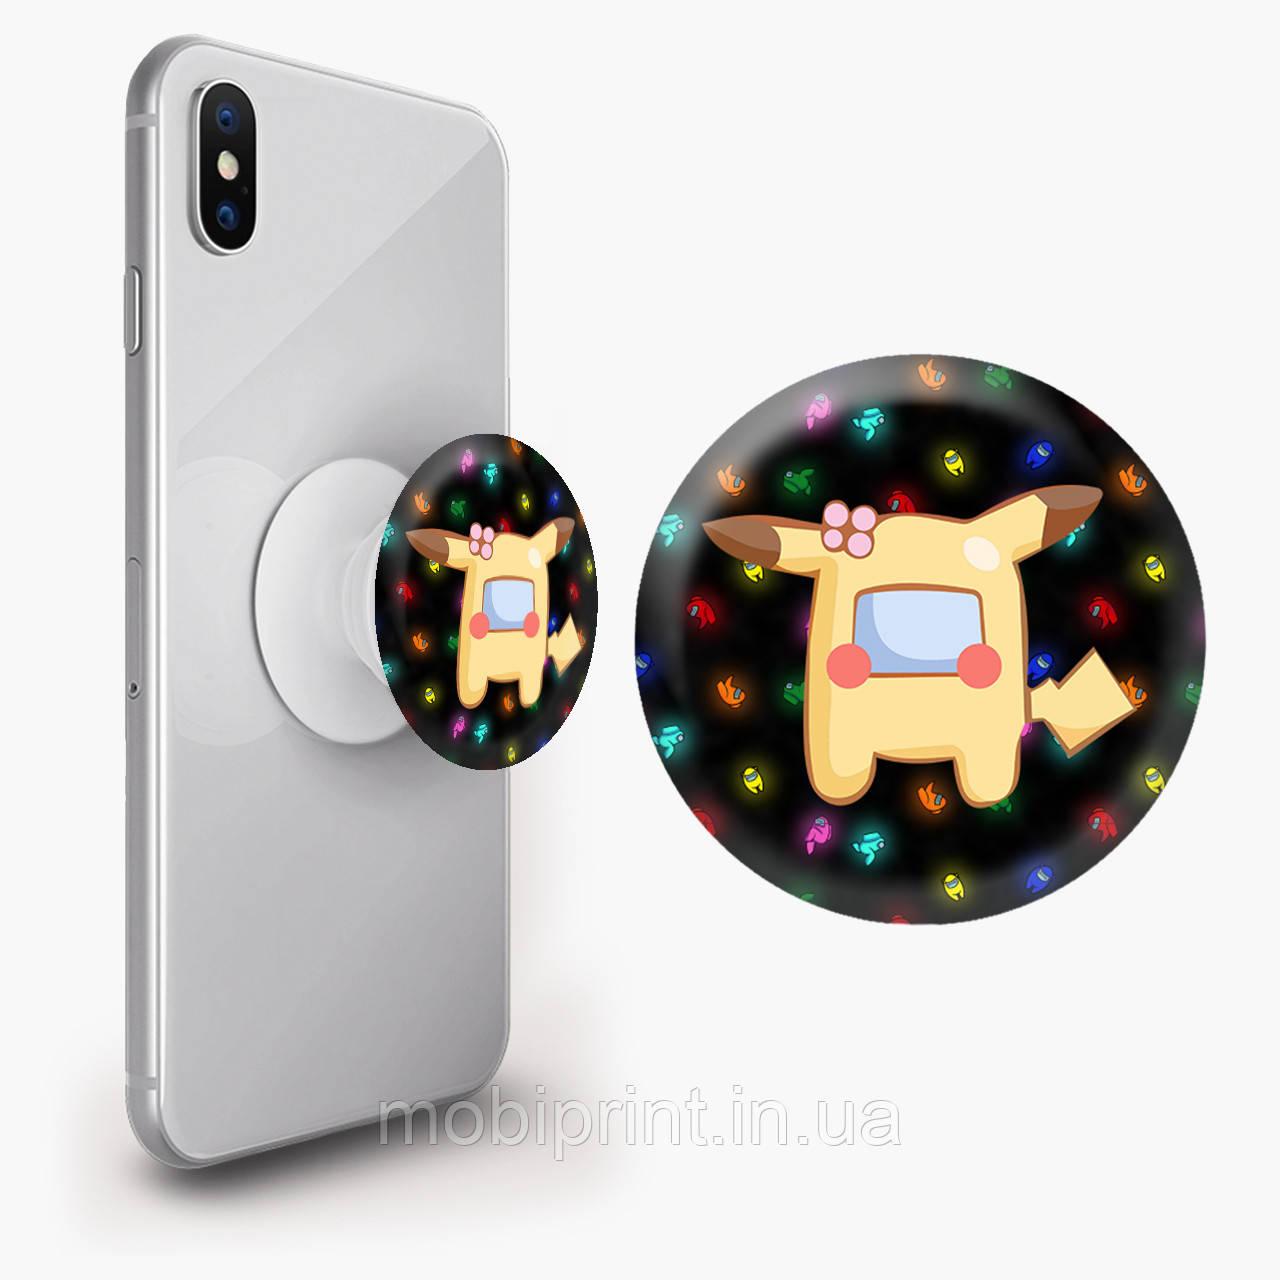 Попсокет (Popsockets) держатель для смартфона Амонг Ас Покемон Пикачу (Among Us Pokemon Pikachu)  (8754-2419)